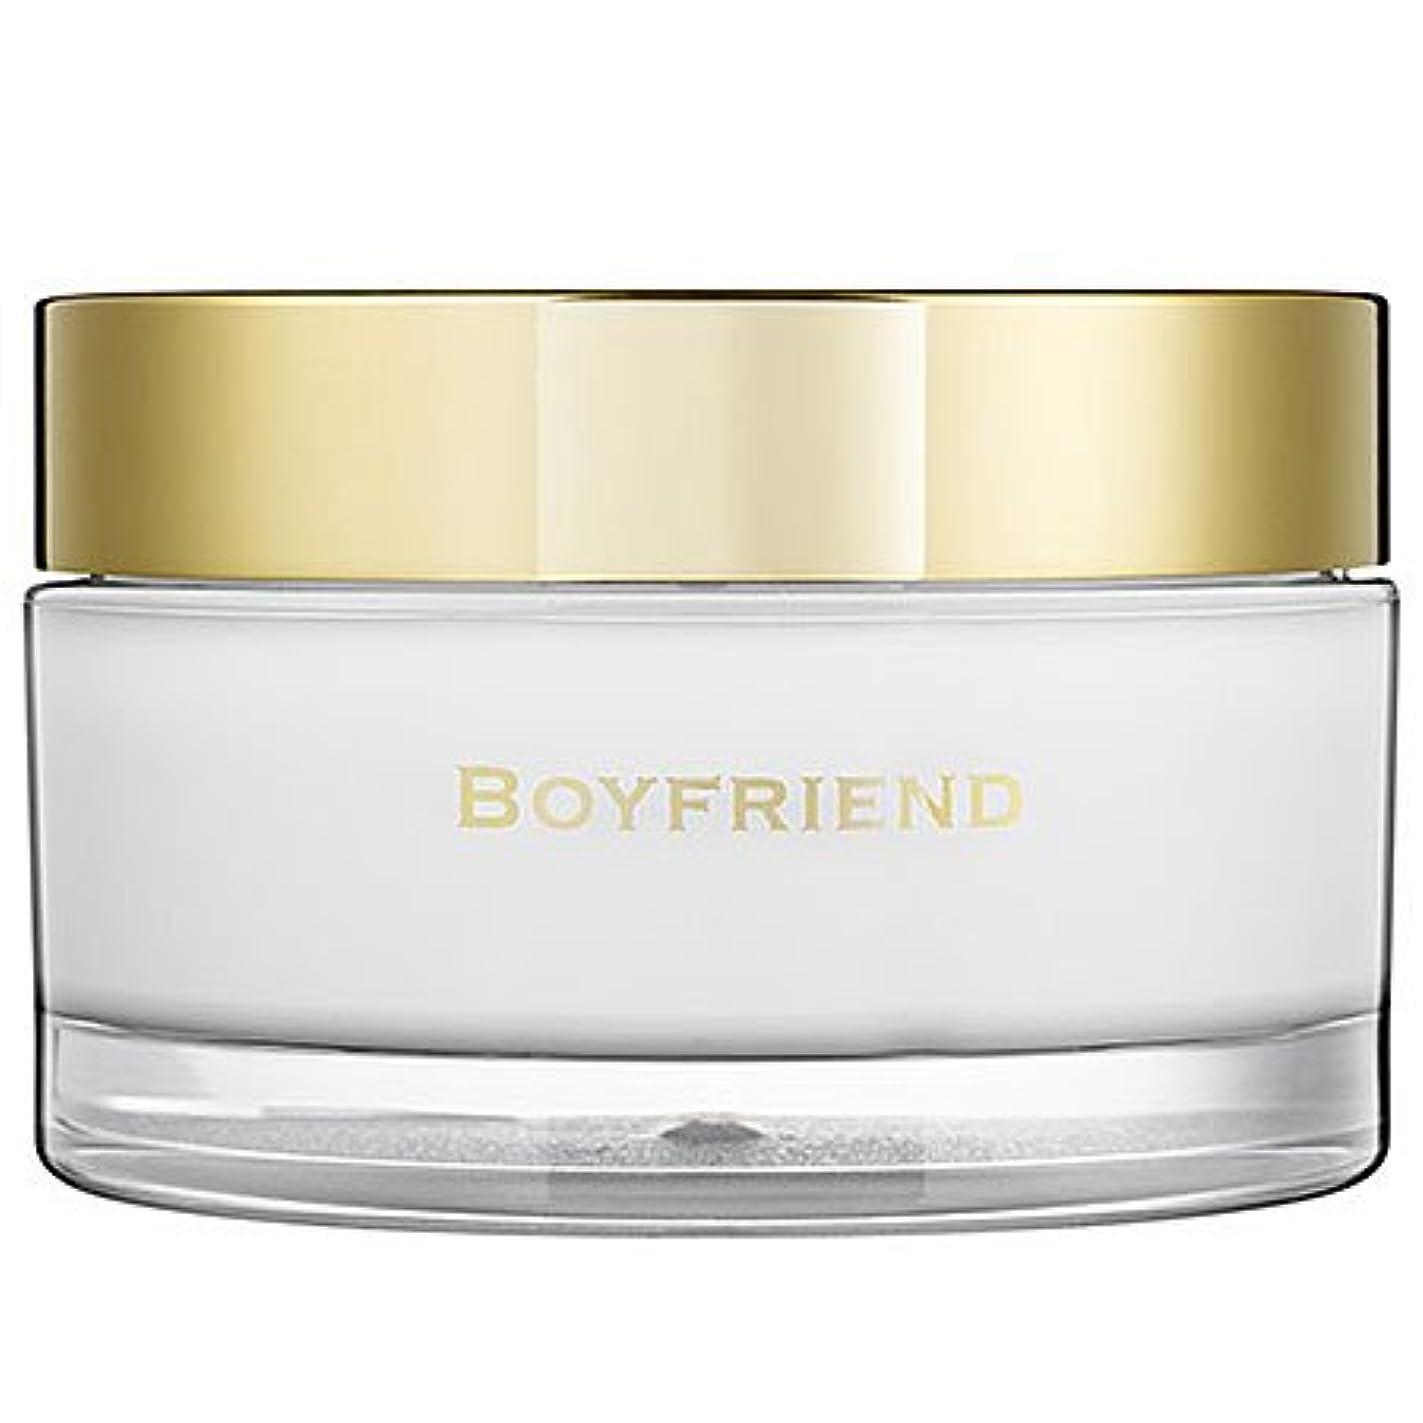 決定的甥明示的にBoyfriend (ボーイフレンド) 6.7 oz (200ml) Body Cream by Kate Walsh for Women